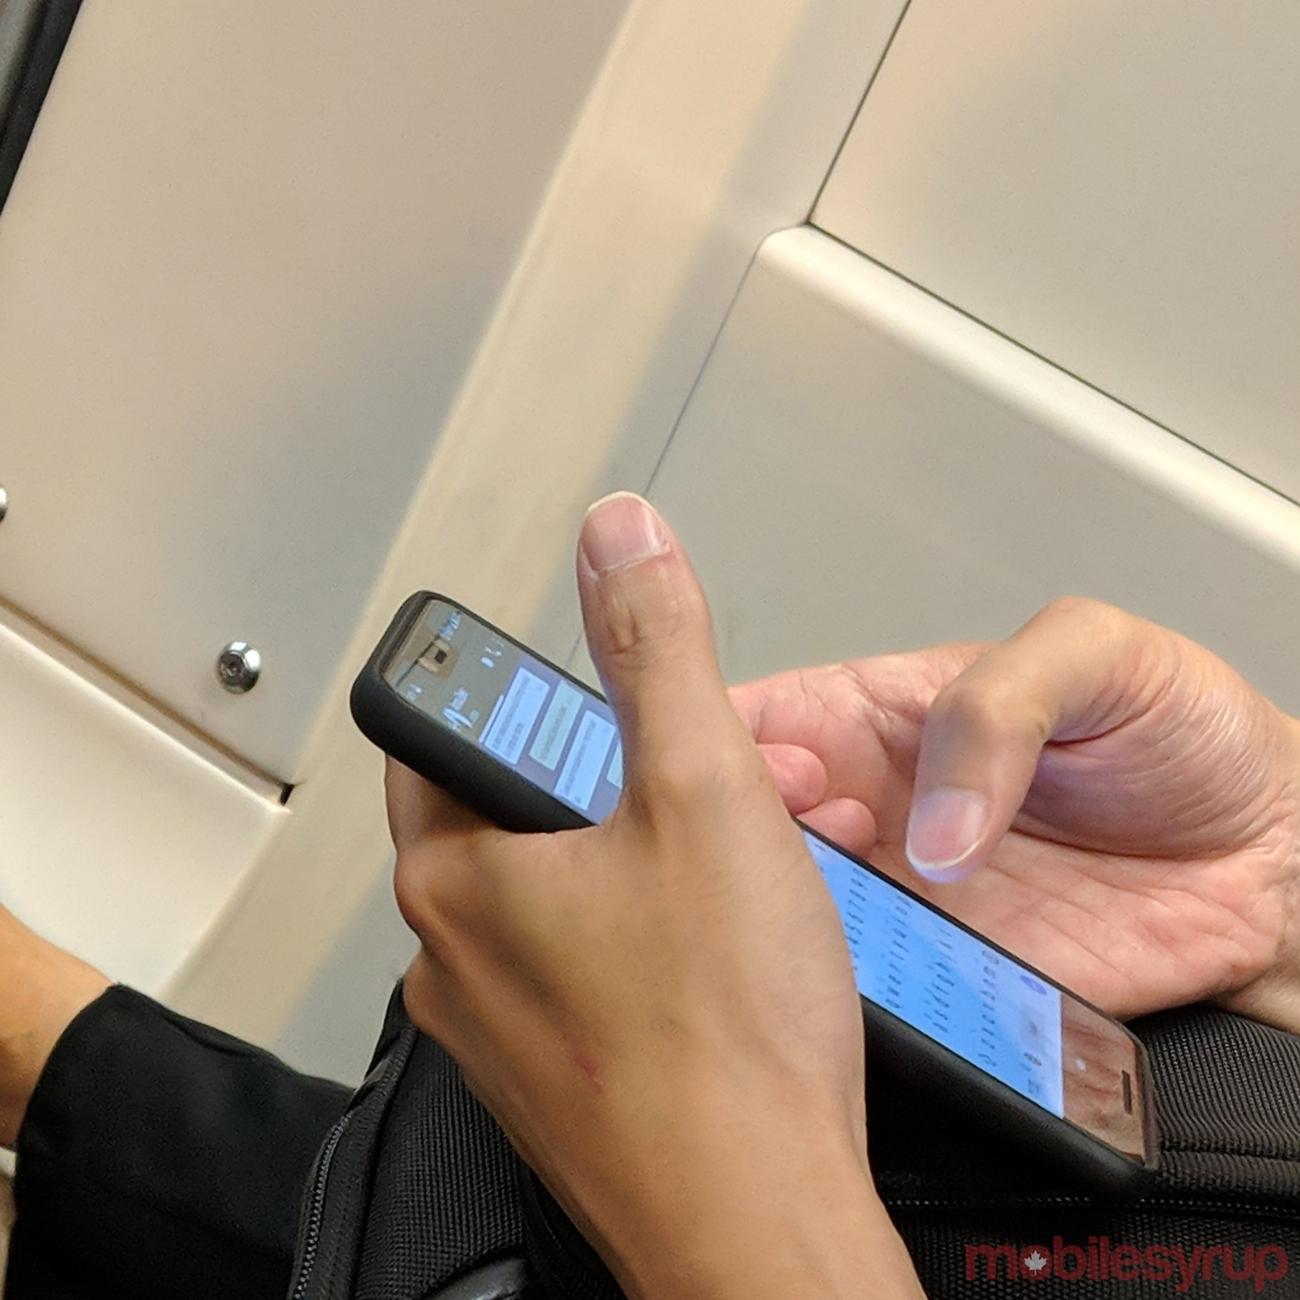 Điện thoại Pixel 3 XL xác nhận những thông tin đã bị leak trước đây.